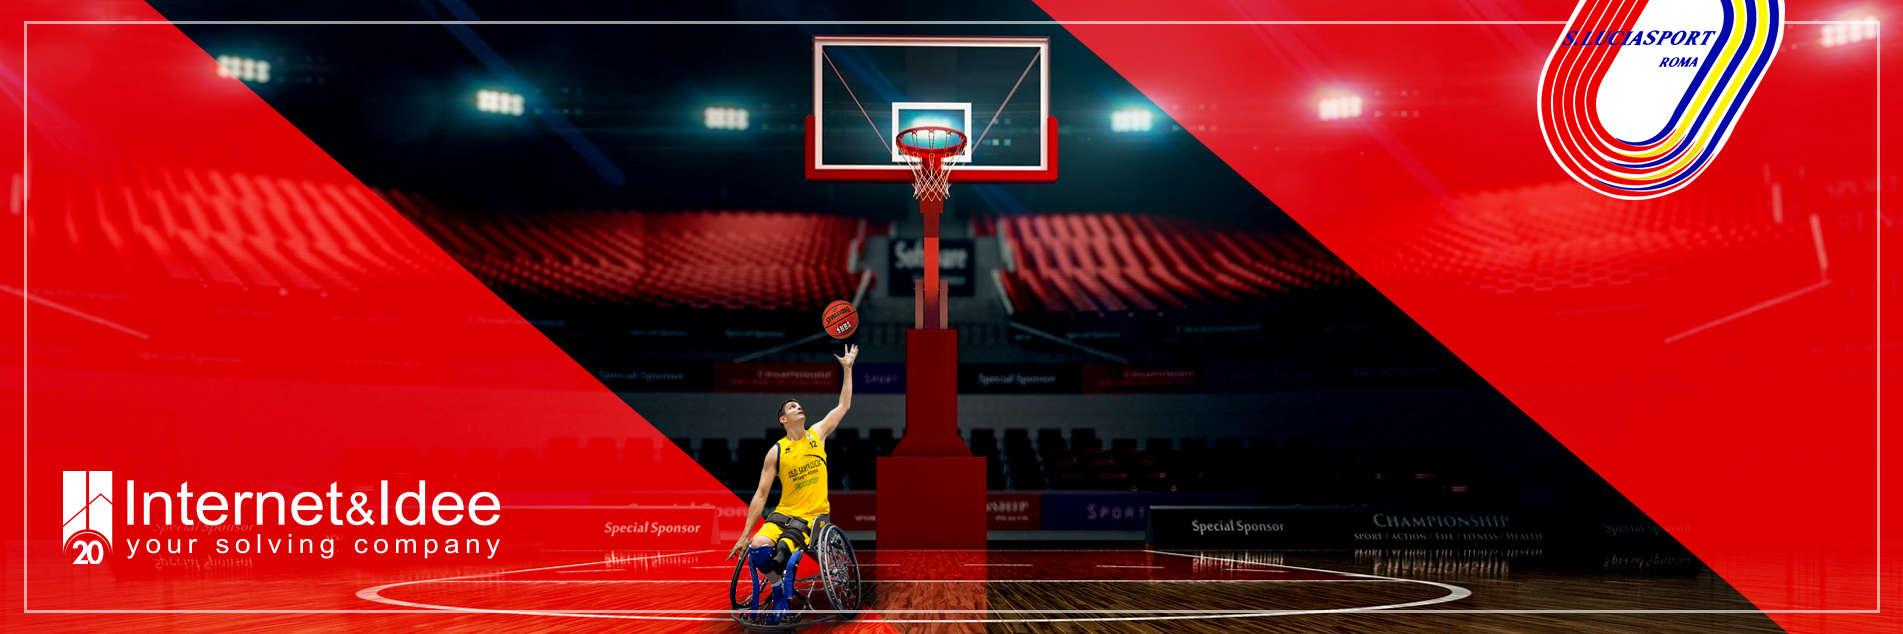 Internet & Idee nuovo sponsor della società sportiva Santa Lucia Basket Roma